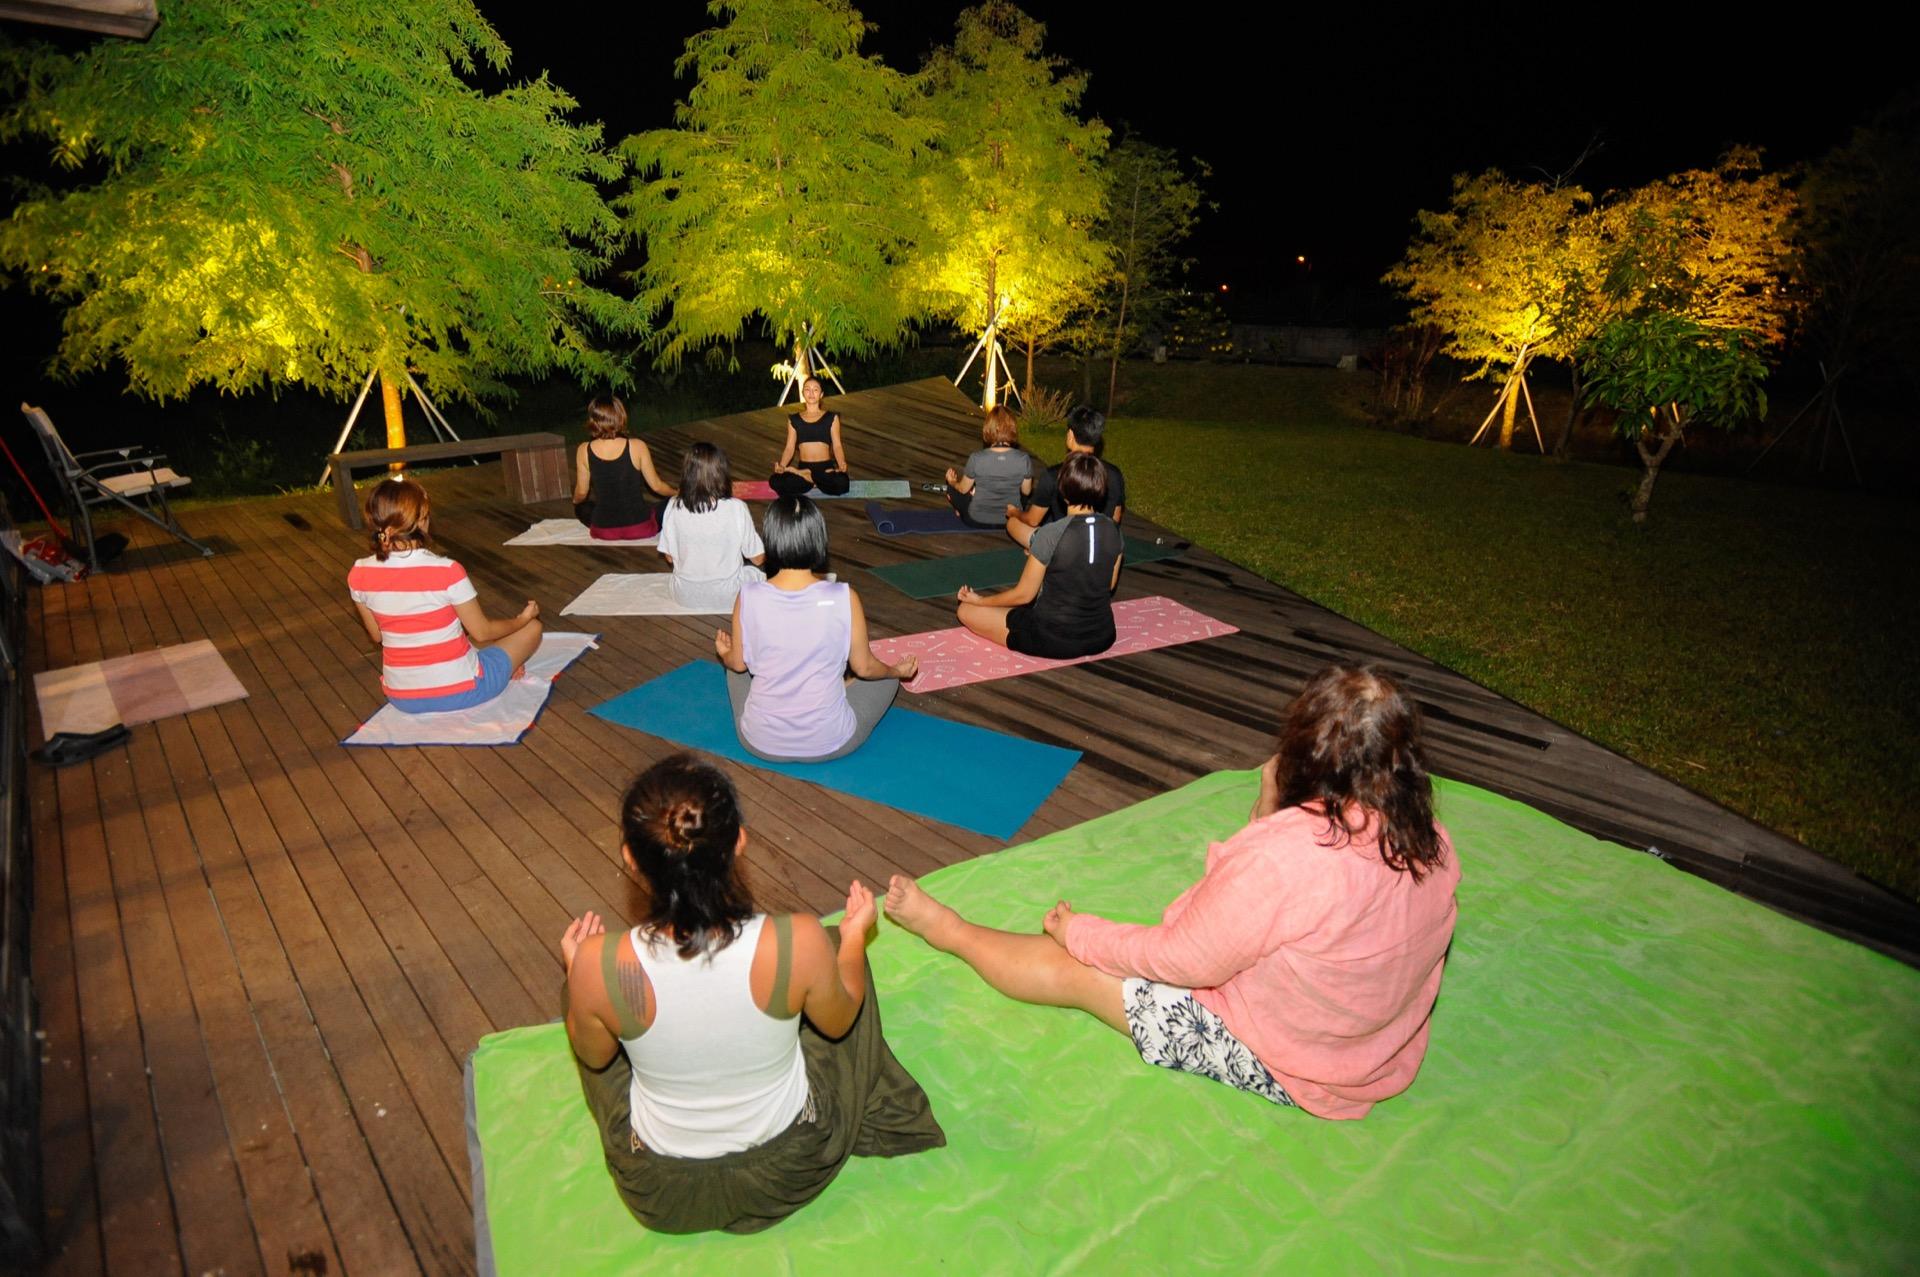 德築-DEZU-project-Fun3sport-night-yoga-2